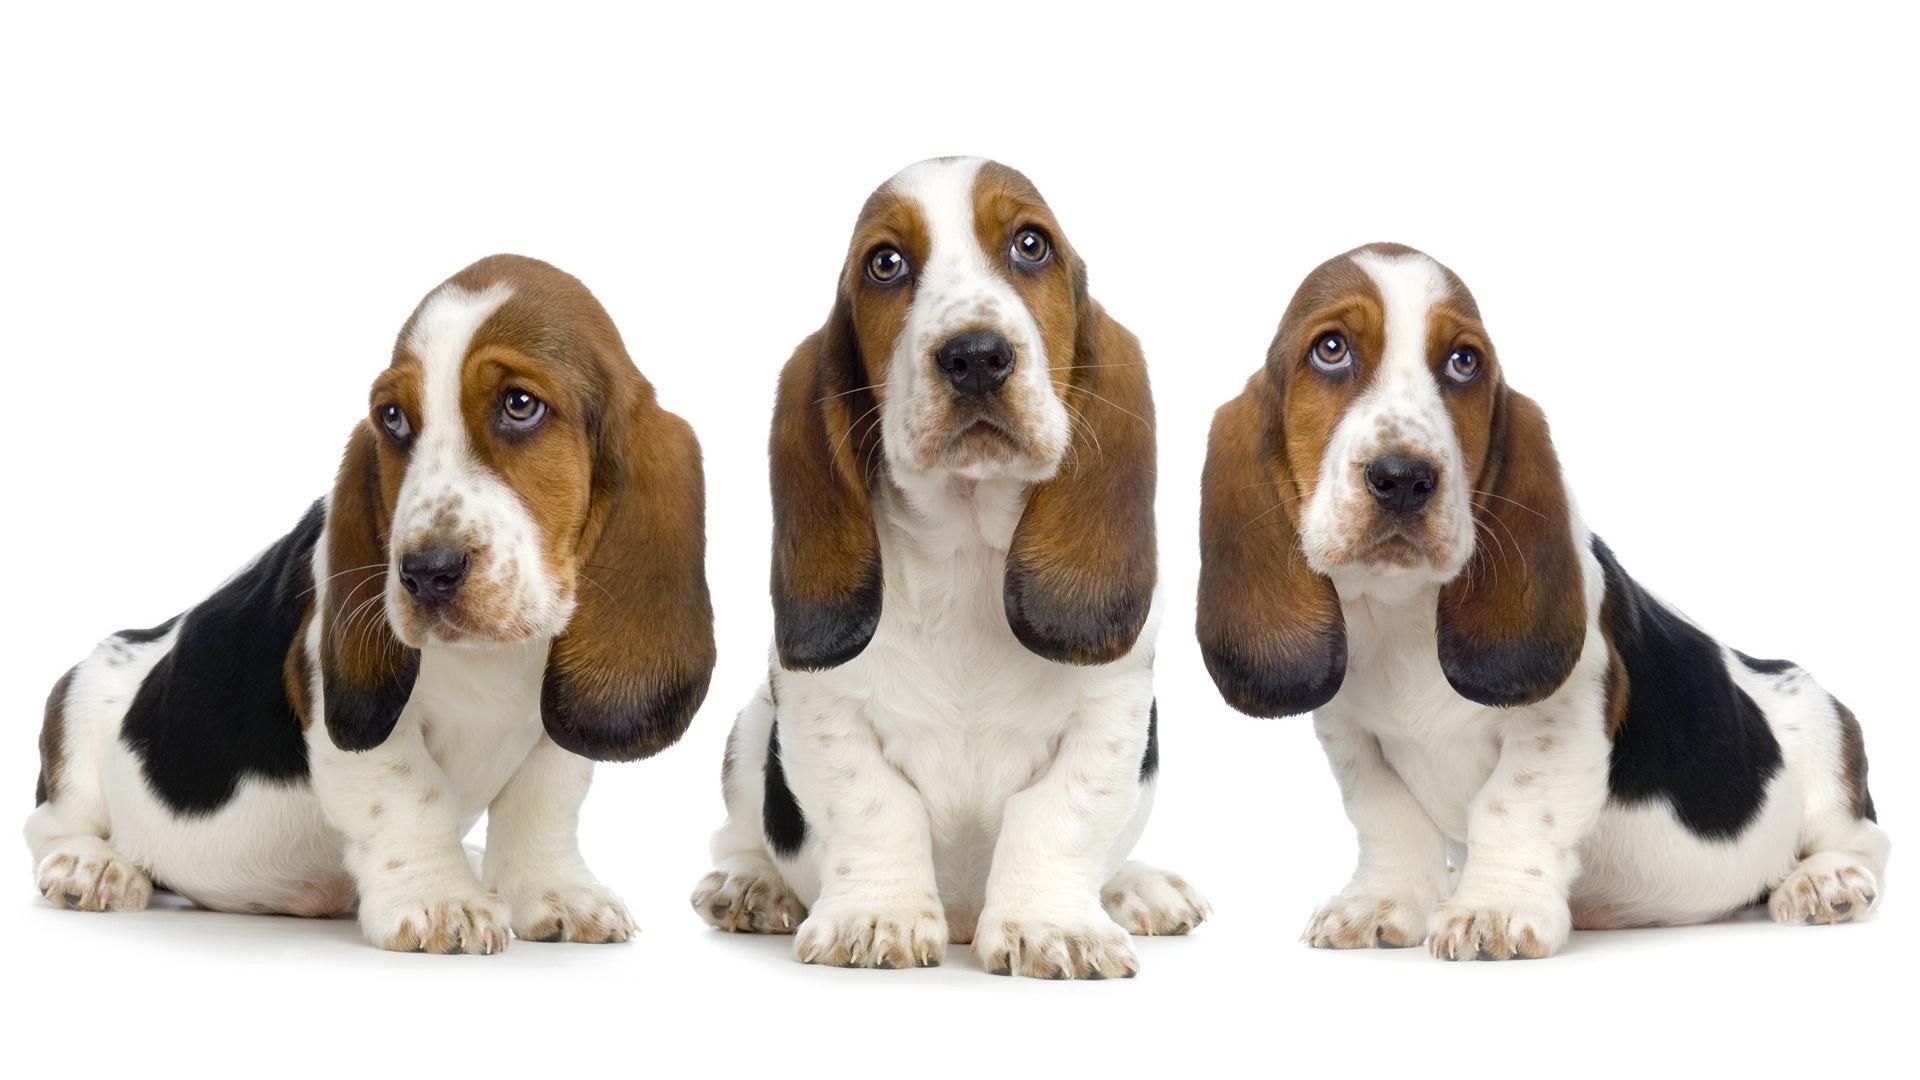 basset hound hd wallpaper background